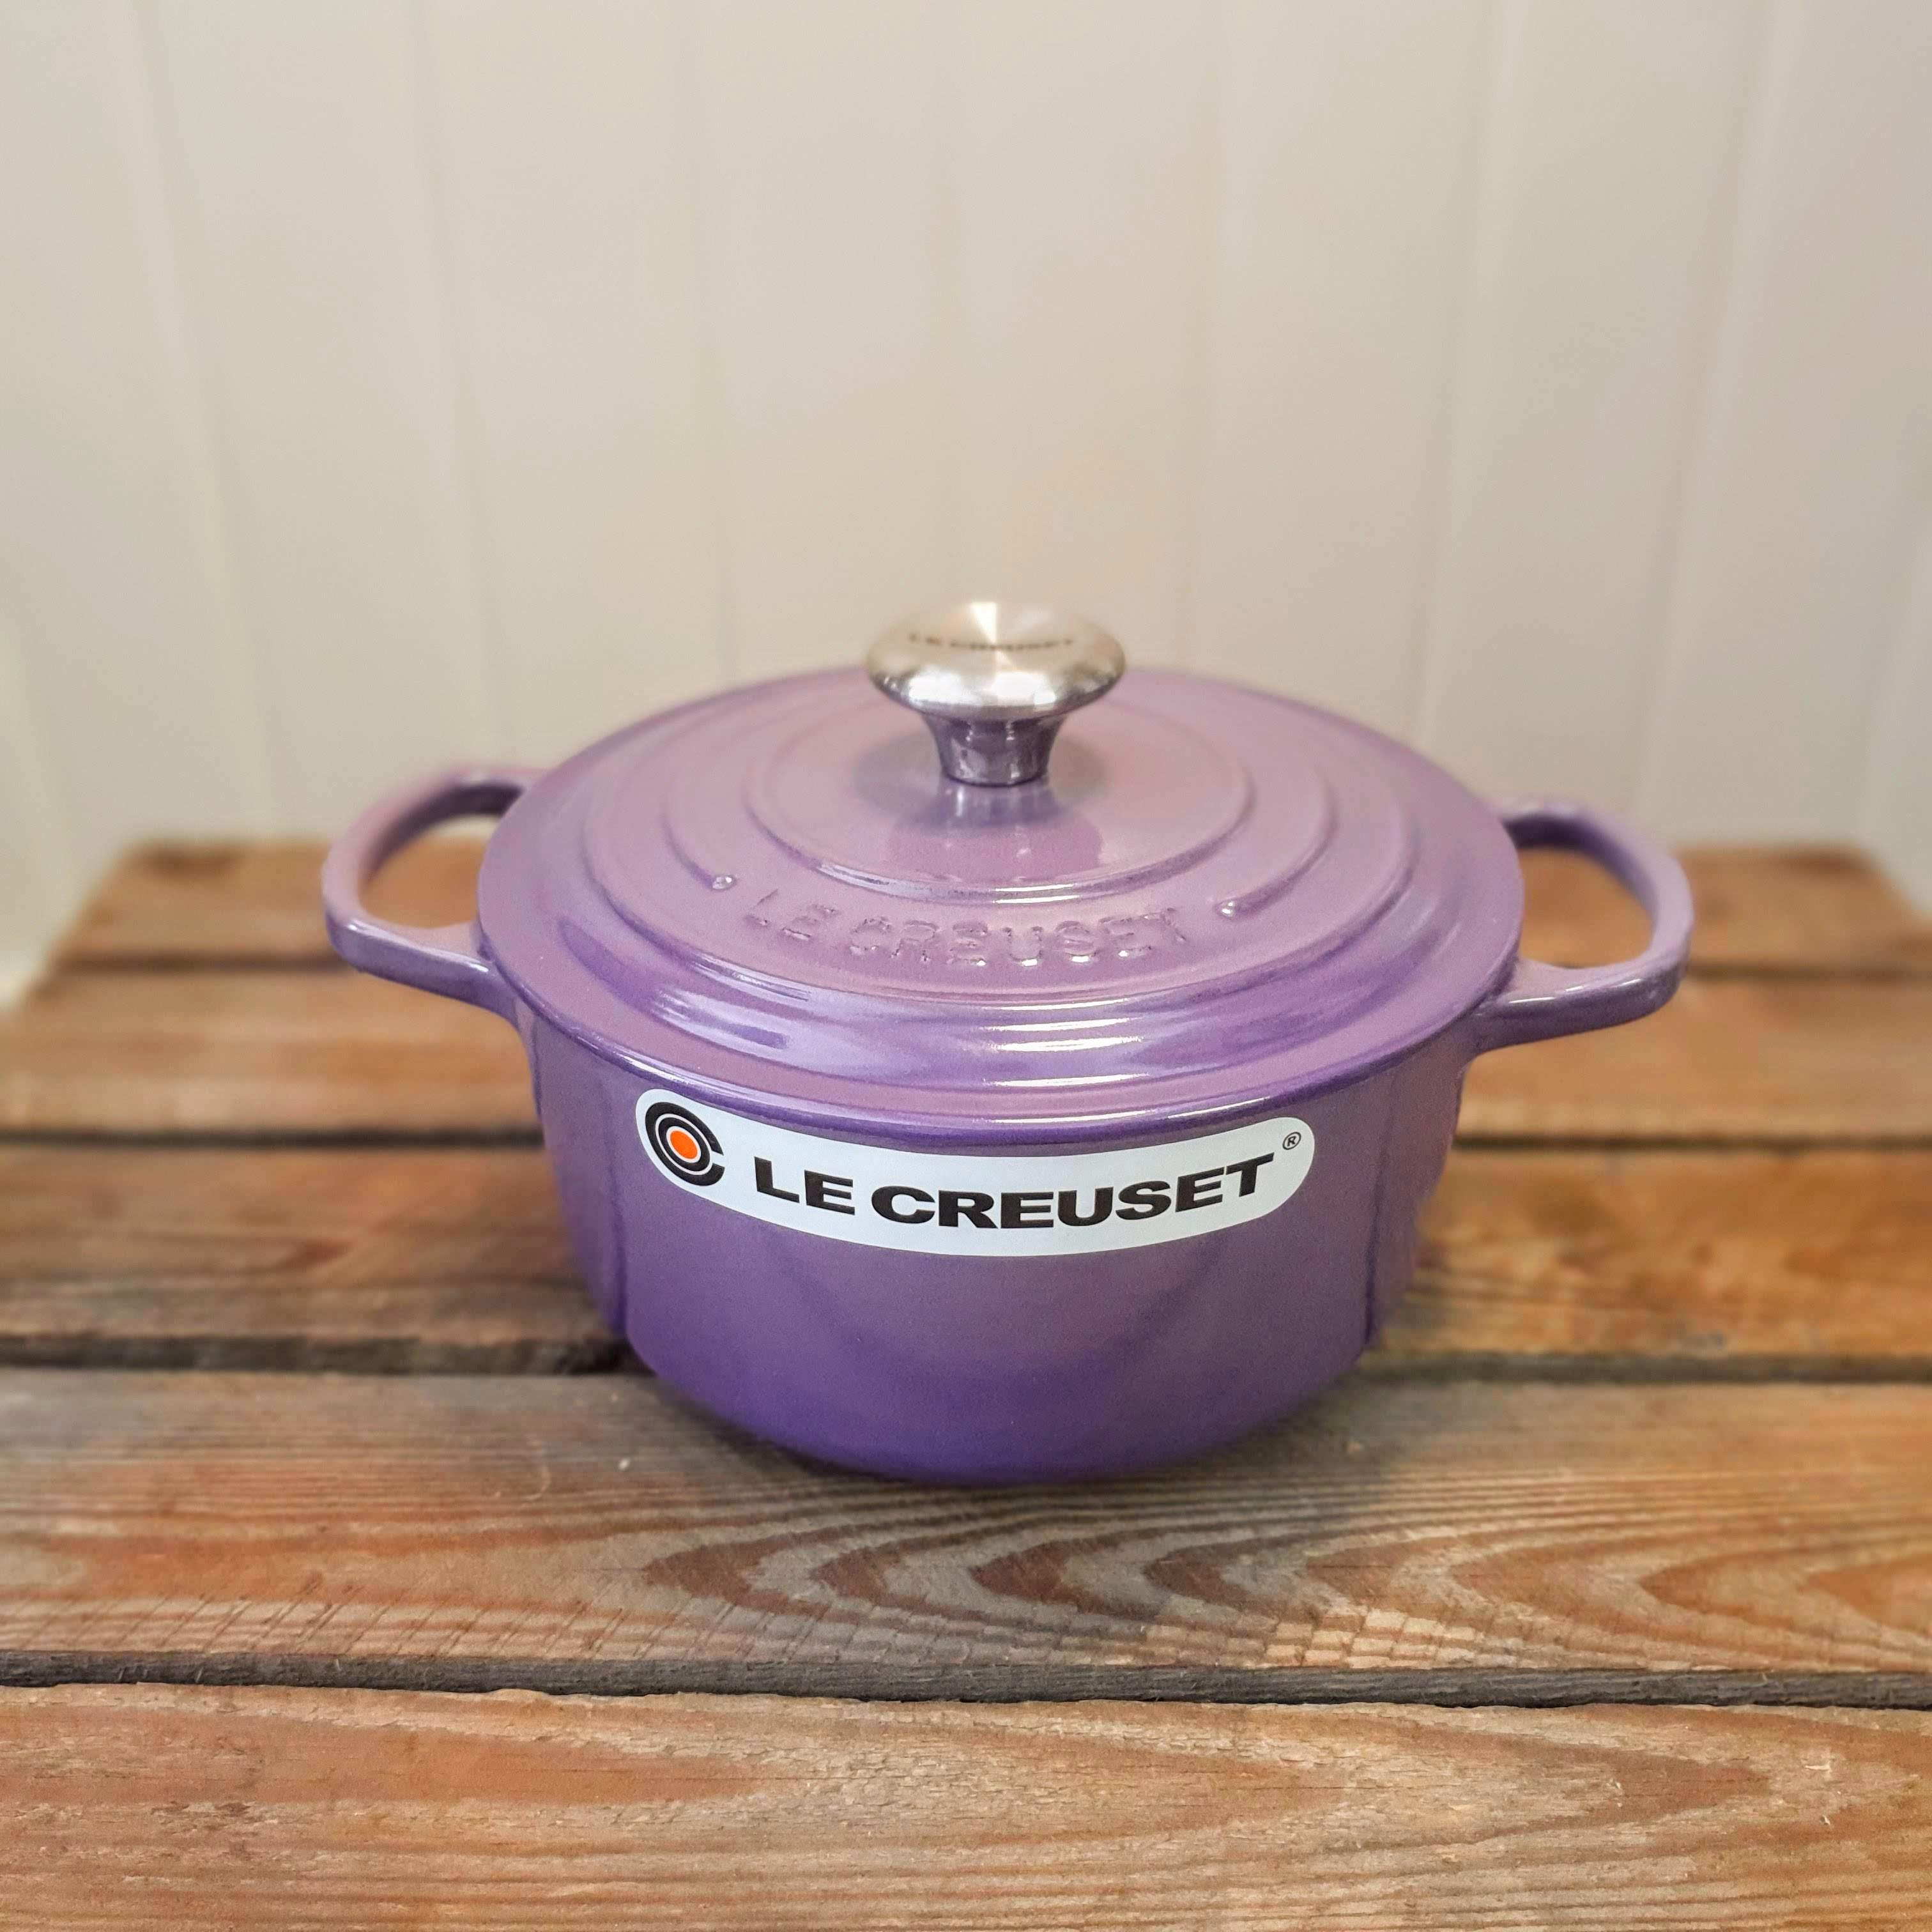 le creuset 18cm round casserole ultra violet